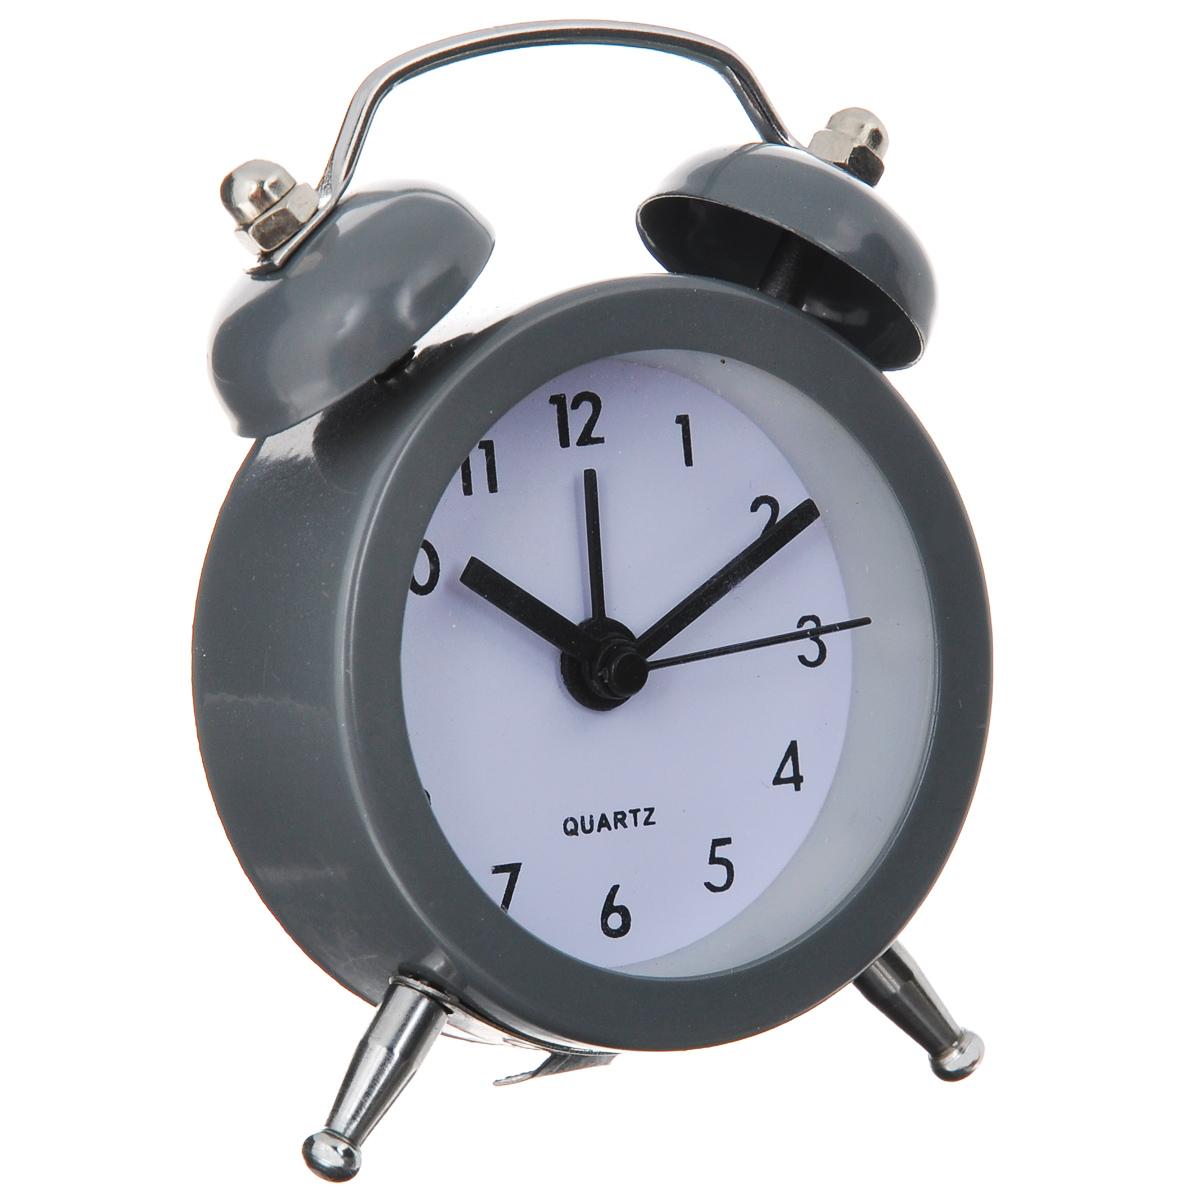 Часы-будильник Sima-land, цвет: серый. 72079192266Как же сложно иногда вставать вовремя! Всегда так хочется поспать еще хотя бы 5 минут и бывает, что мы просыпаем. Теперь этого не случится! Яркий, оригинальный будильник Sima-land поможет вам всегда вставать в нужное время и успевать везде и всюду. Будильник украсит вашу комнату и приведет в восхищение друзей. Эта уменьшенная версия привычного будильника умещается на ладони и работает так же громко, как и привычные аналоги. Время показывает точно и будит в установленный час.На задней панели будильника расположены переключатель включения/выключения механизма, а также два колесика для настройки текущего времени и времени звонка будильника.Будильник работает от 1 батарейки типа LR44 (входит в комплект).